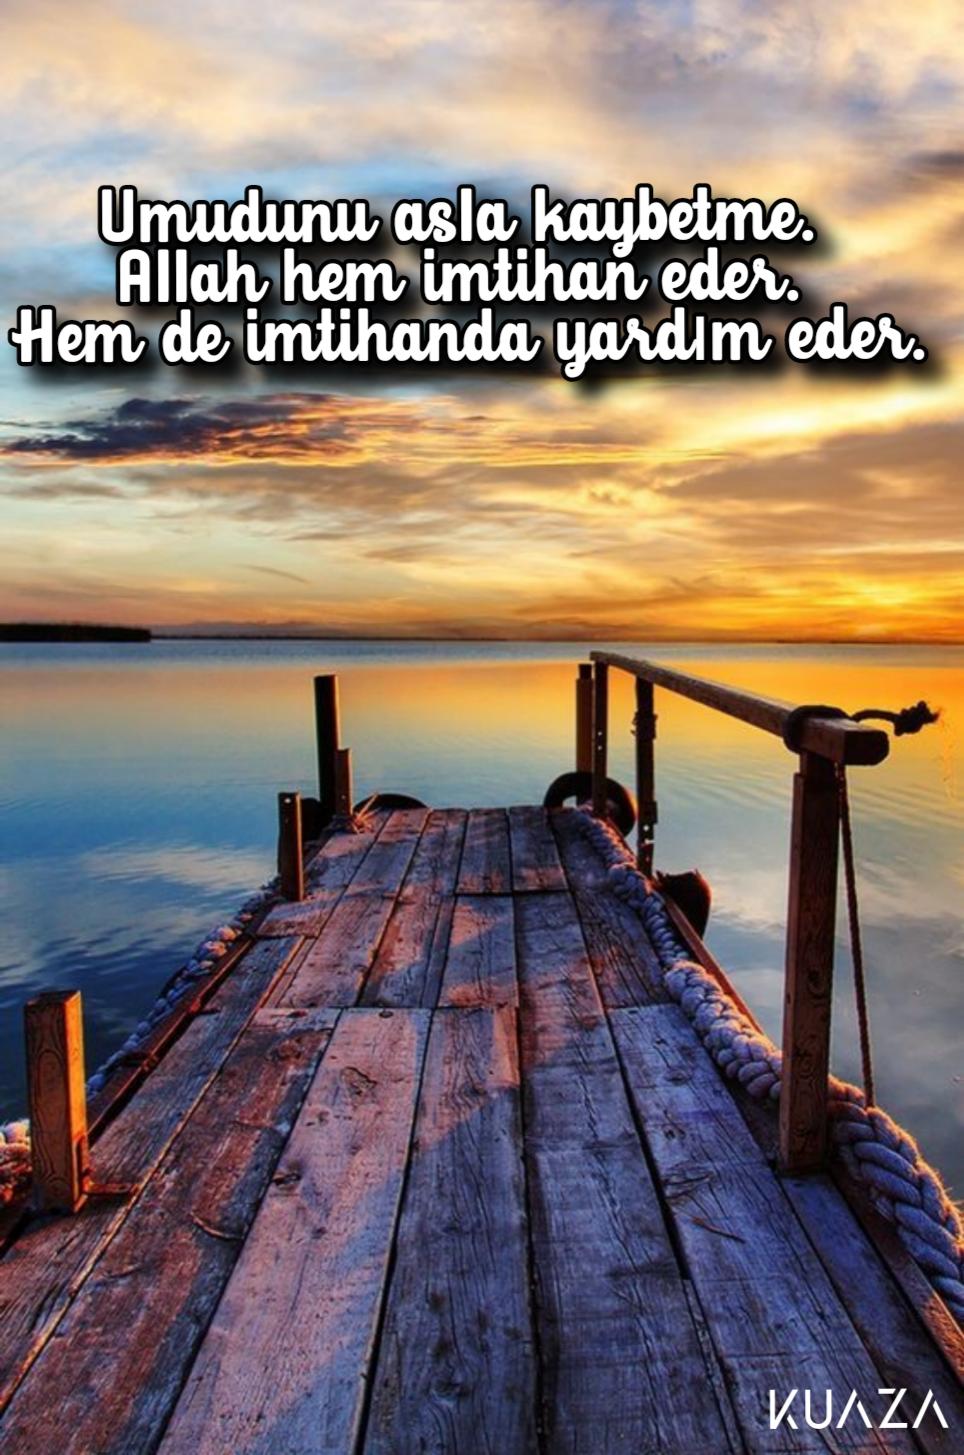 Umudunu asla yitirme. Allah hem imtihan eder hem de imtihanda yardım eder. En Yeni Güzel Sözler Anlamlı Sözler Resimli Sözler - Resimli Güzel Sözler - Anlamlı, Etkileyici Güzel Sözler, resimli-sozler